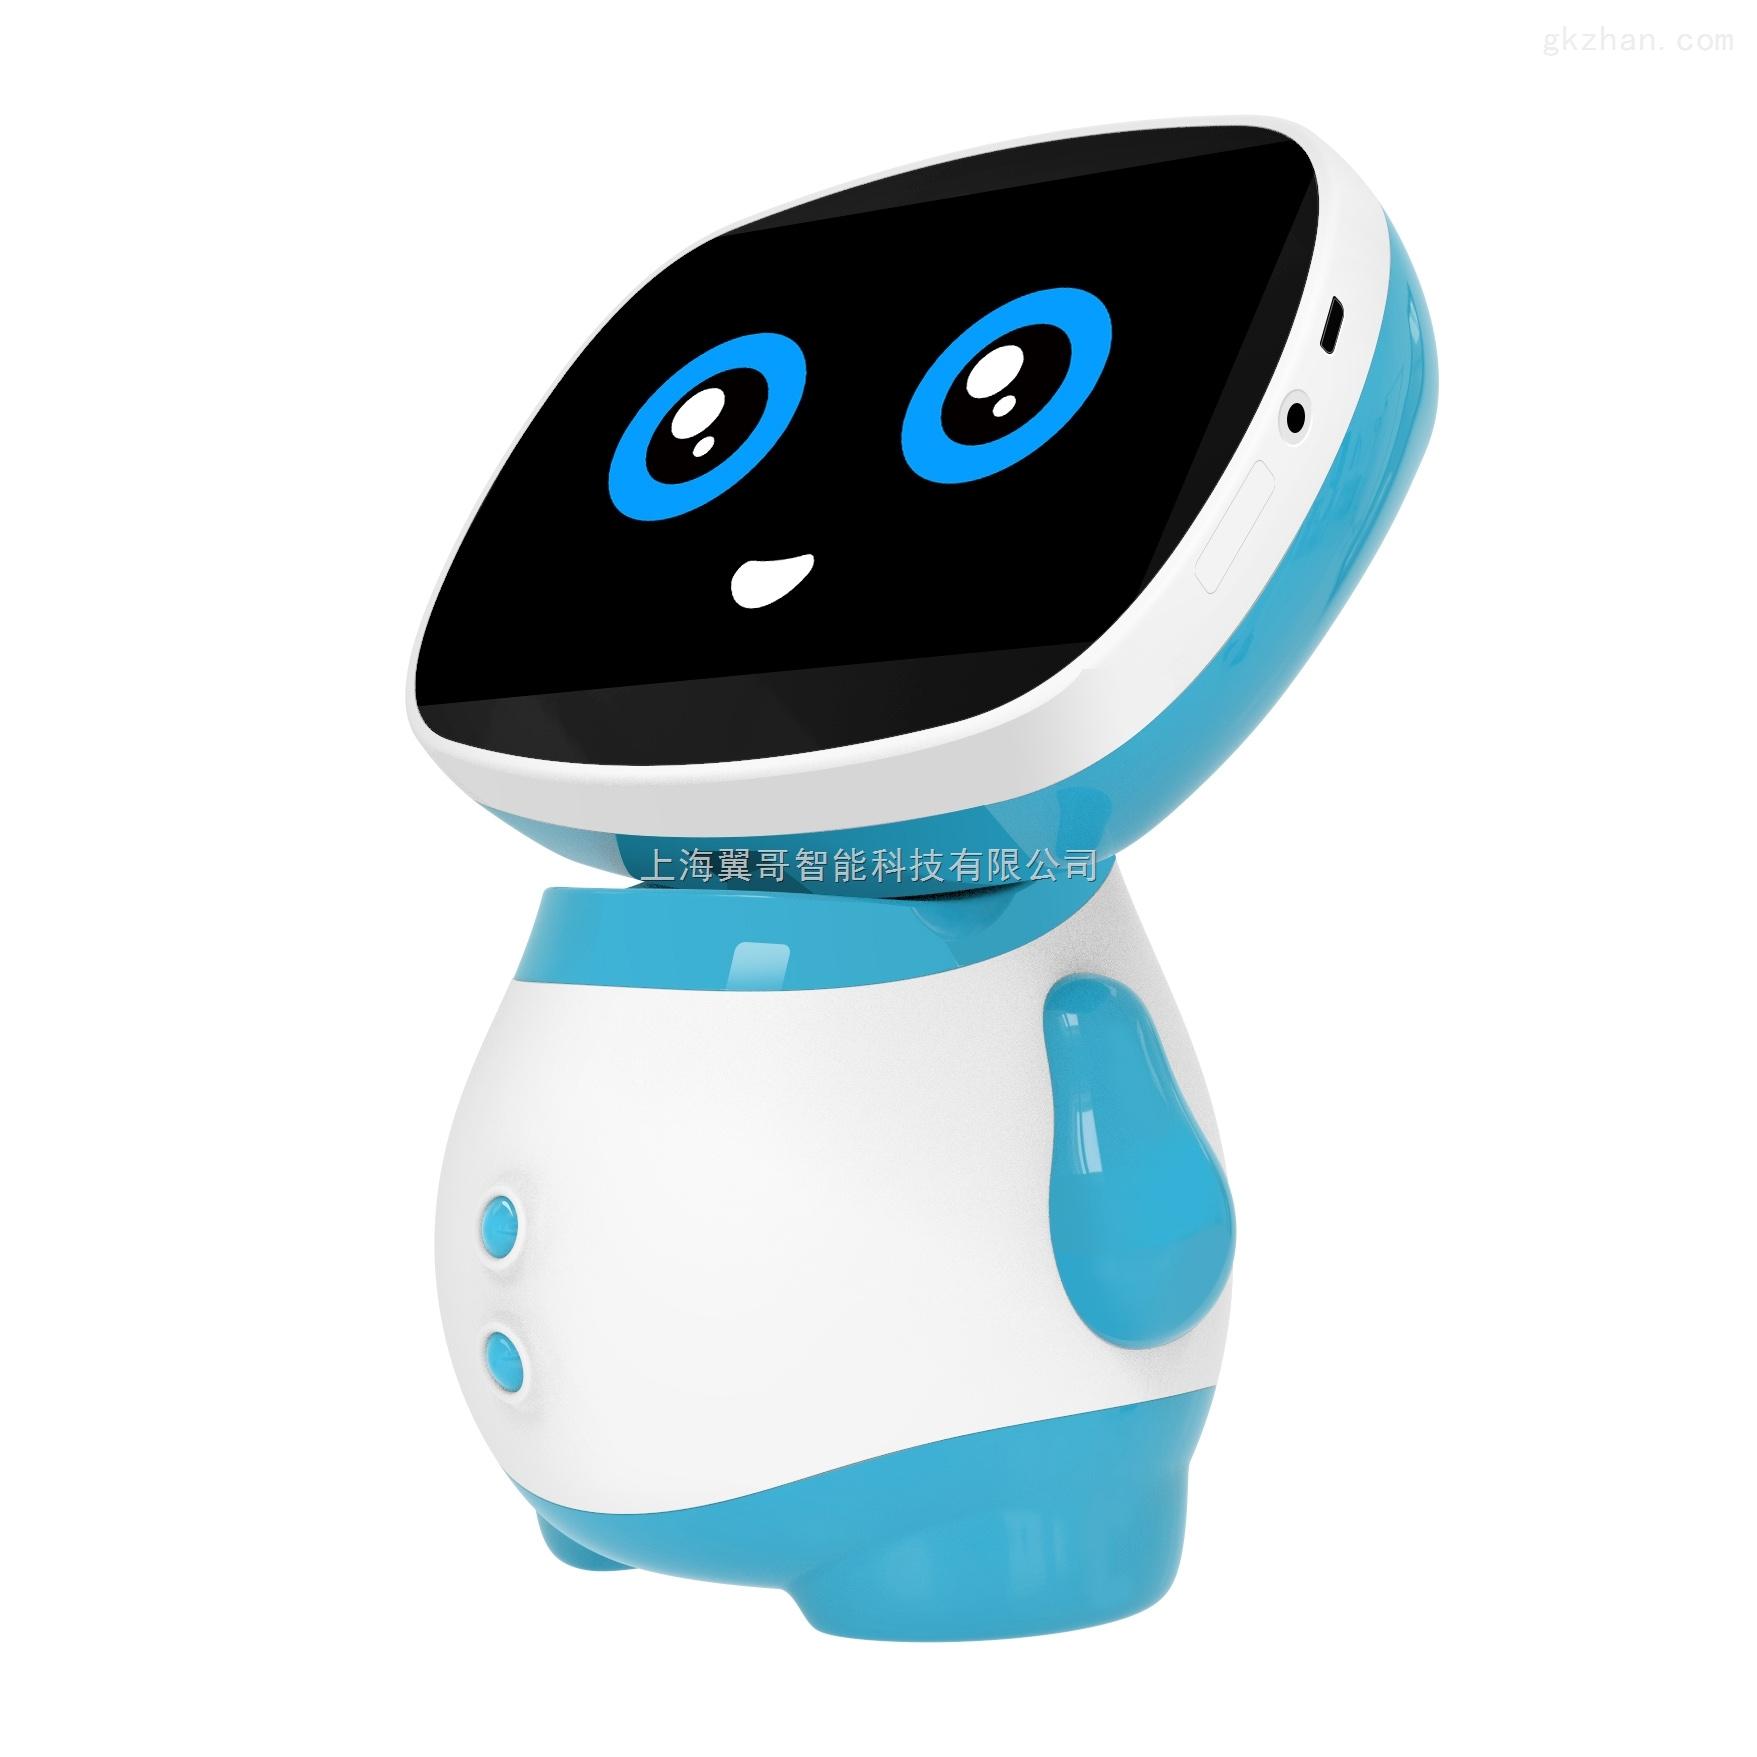 产品库 机器人 服务机器人 教育机器人 早教智能机器人